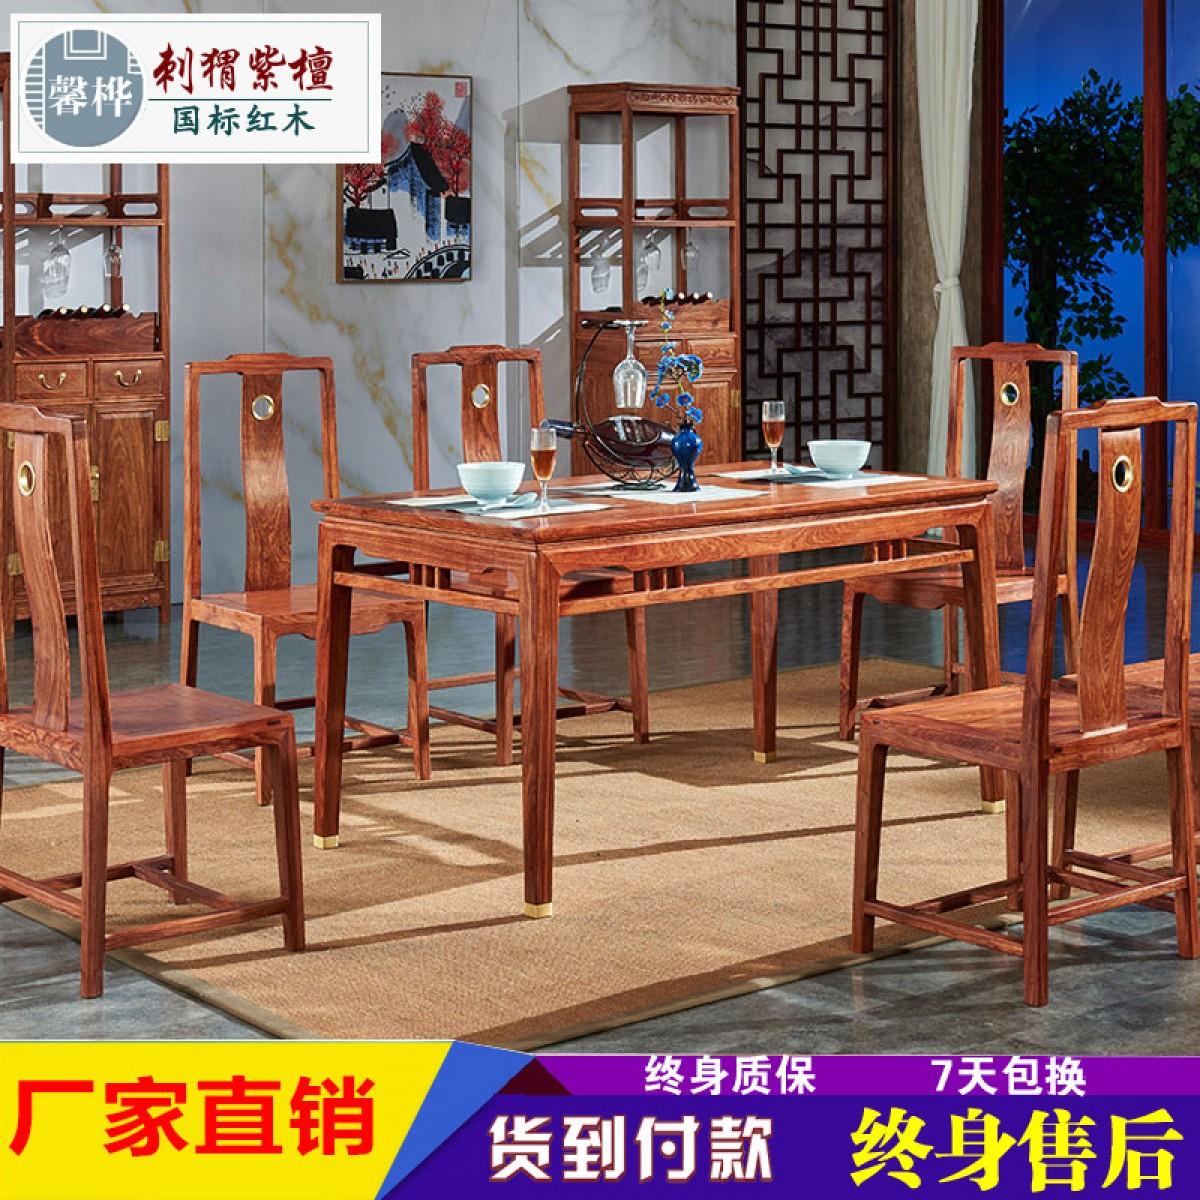 红木家具中式花梨木餐桌餐台一桌六椅组合长方形饭桌全实木餐桌椅